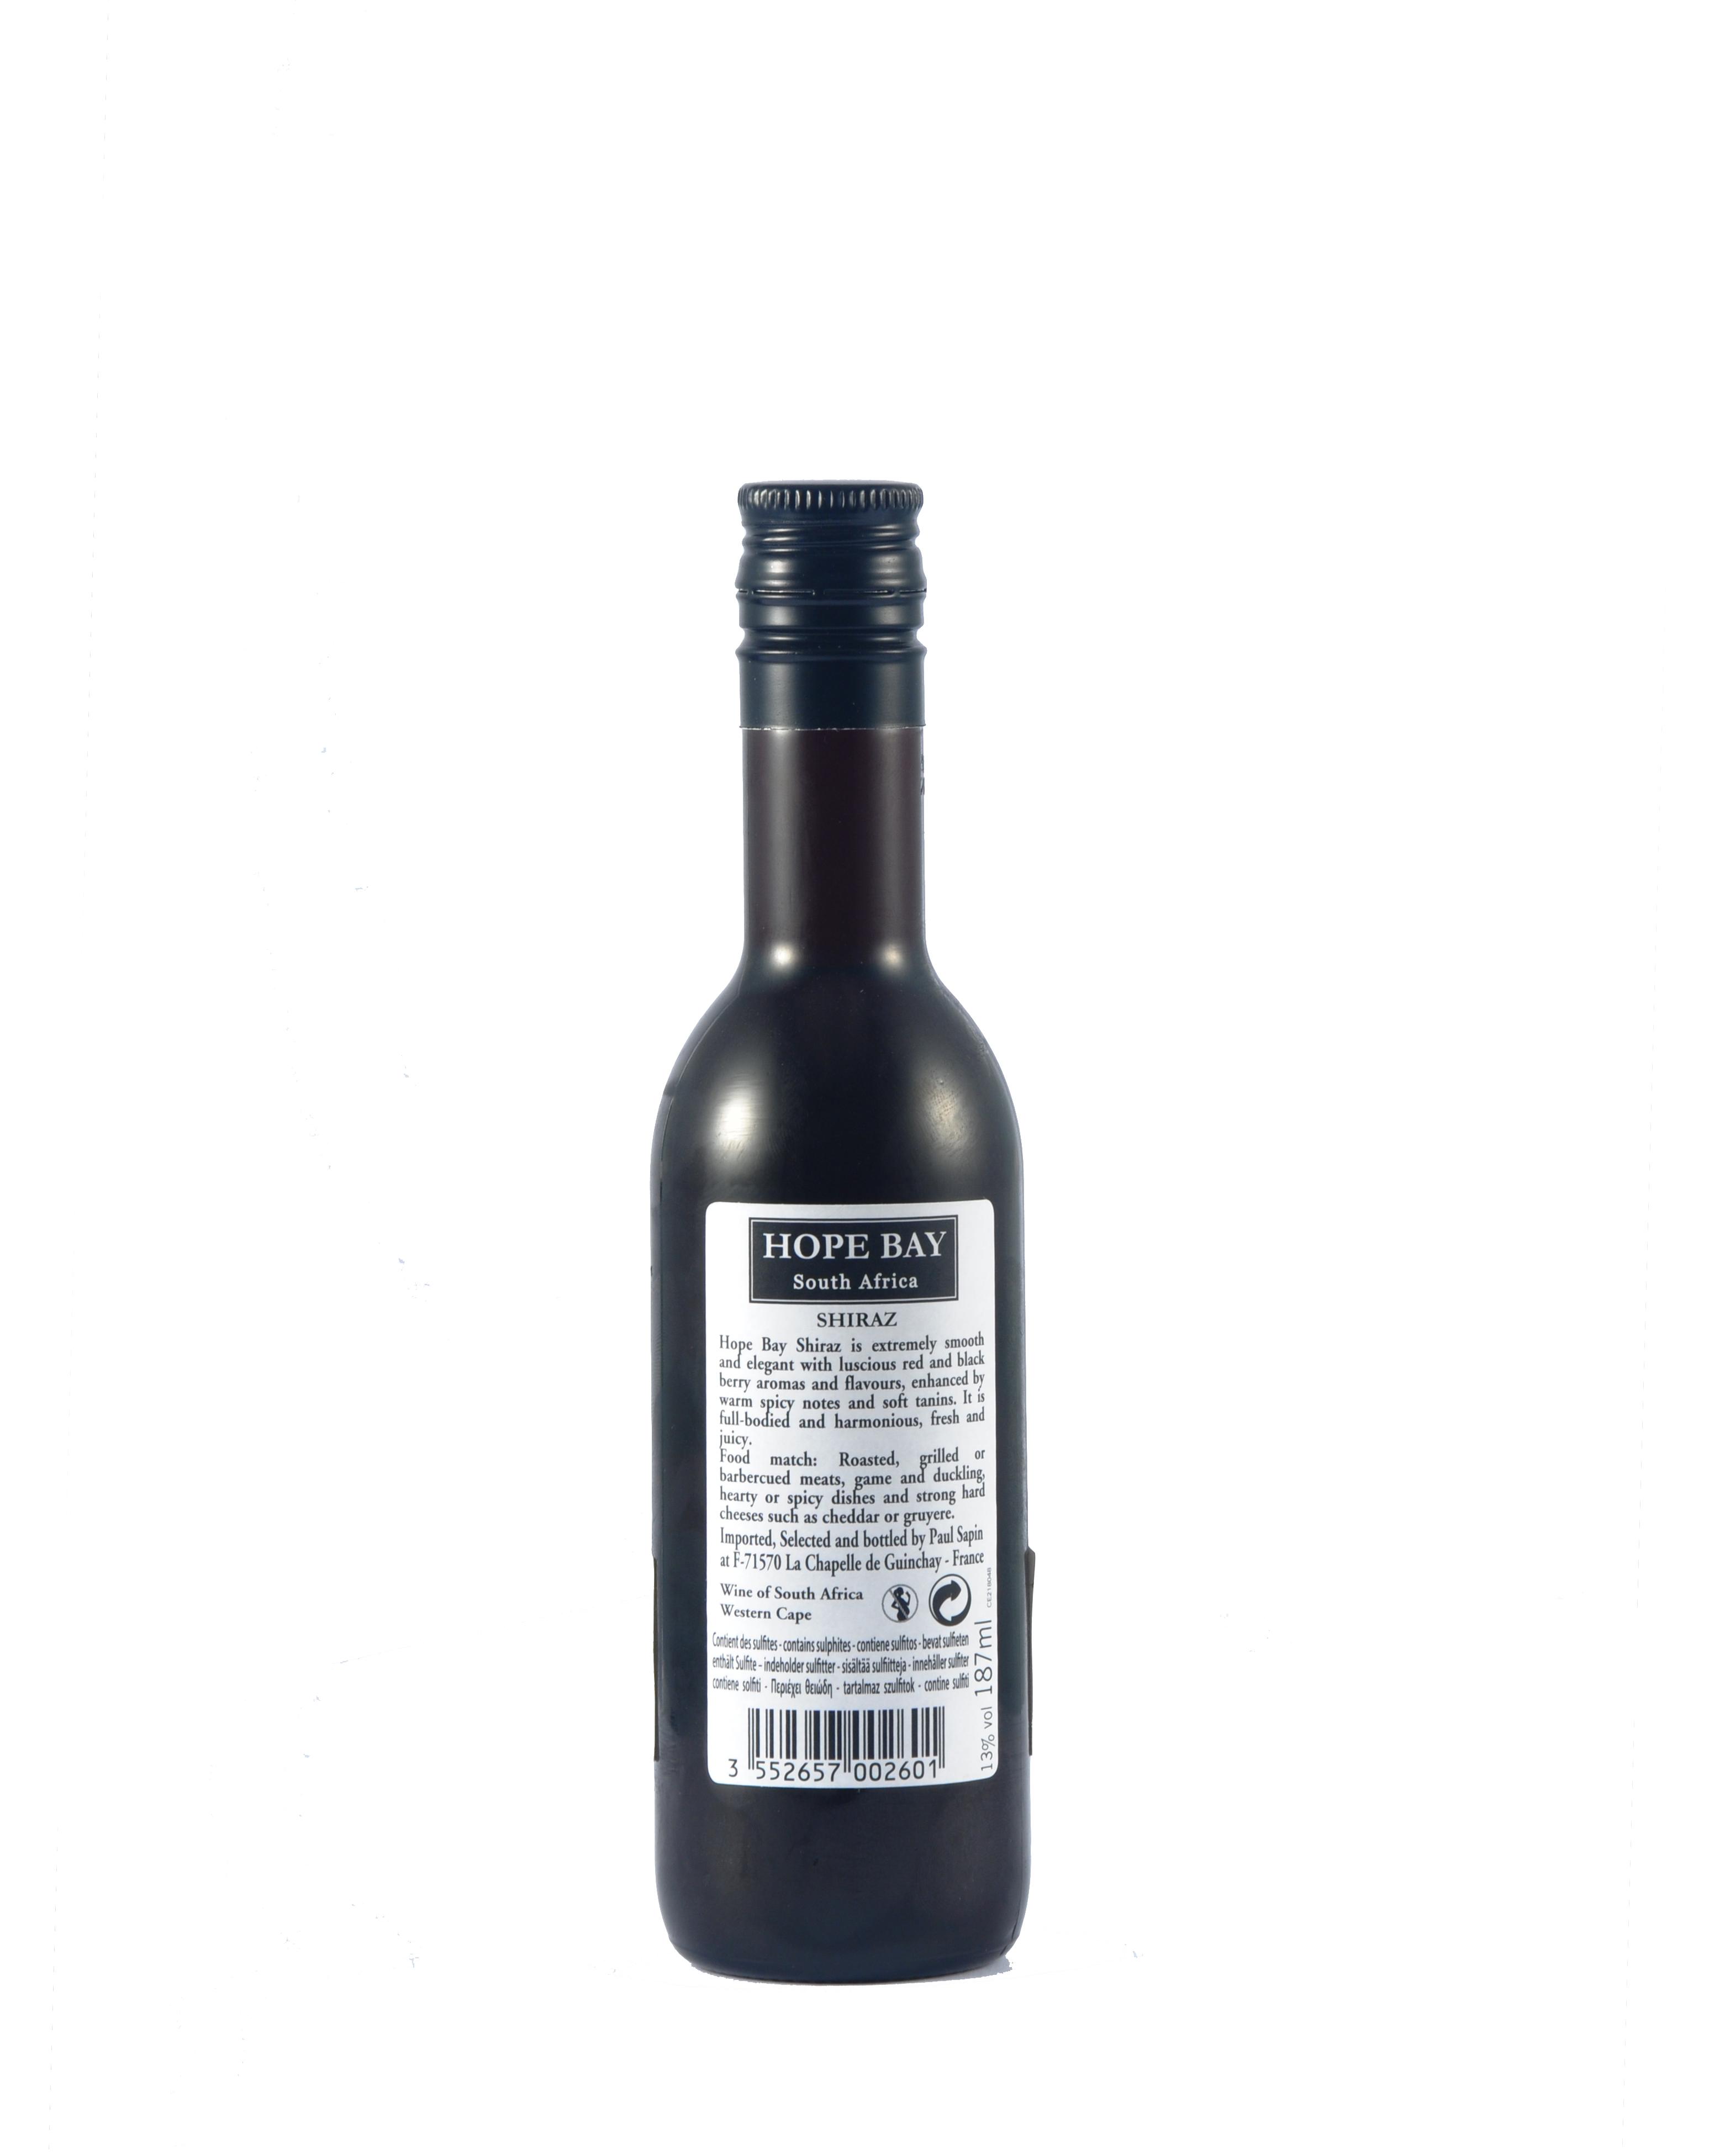 南非 African South Hope Bay Shiraz 南非霍普贝设拉子红葡萄酒 187ml 13%Vol